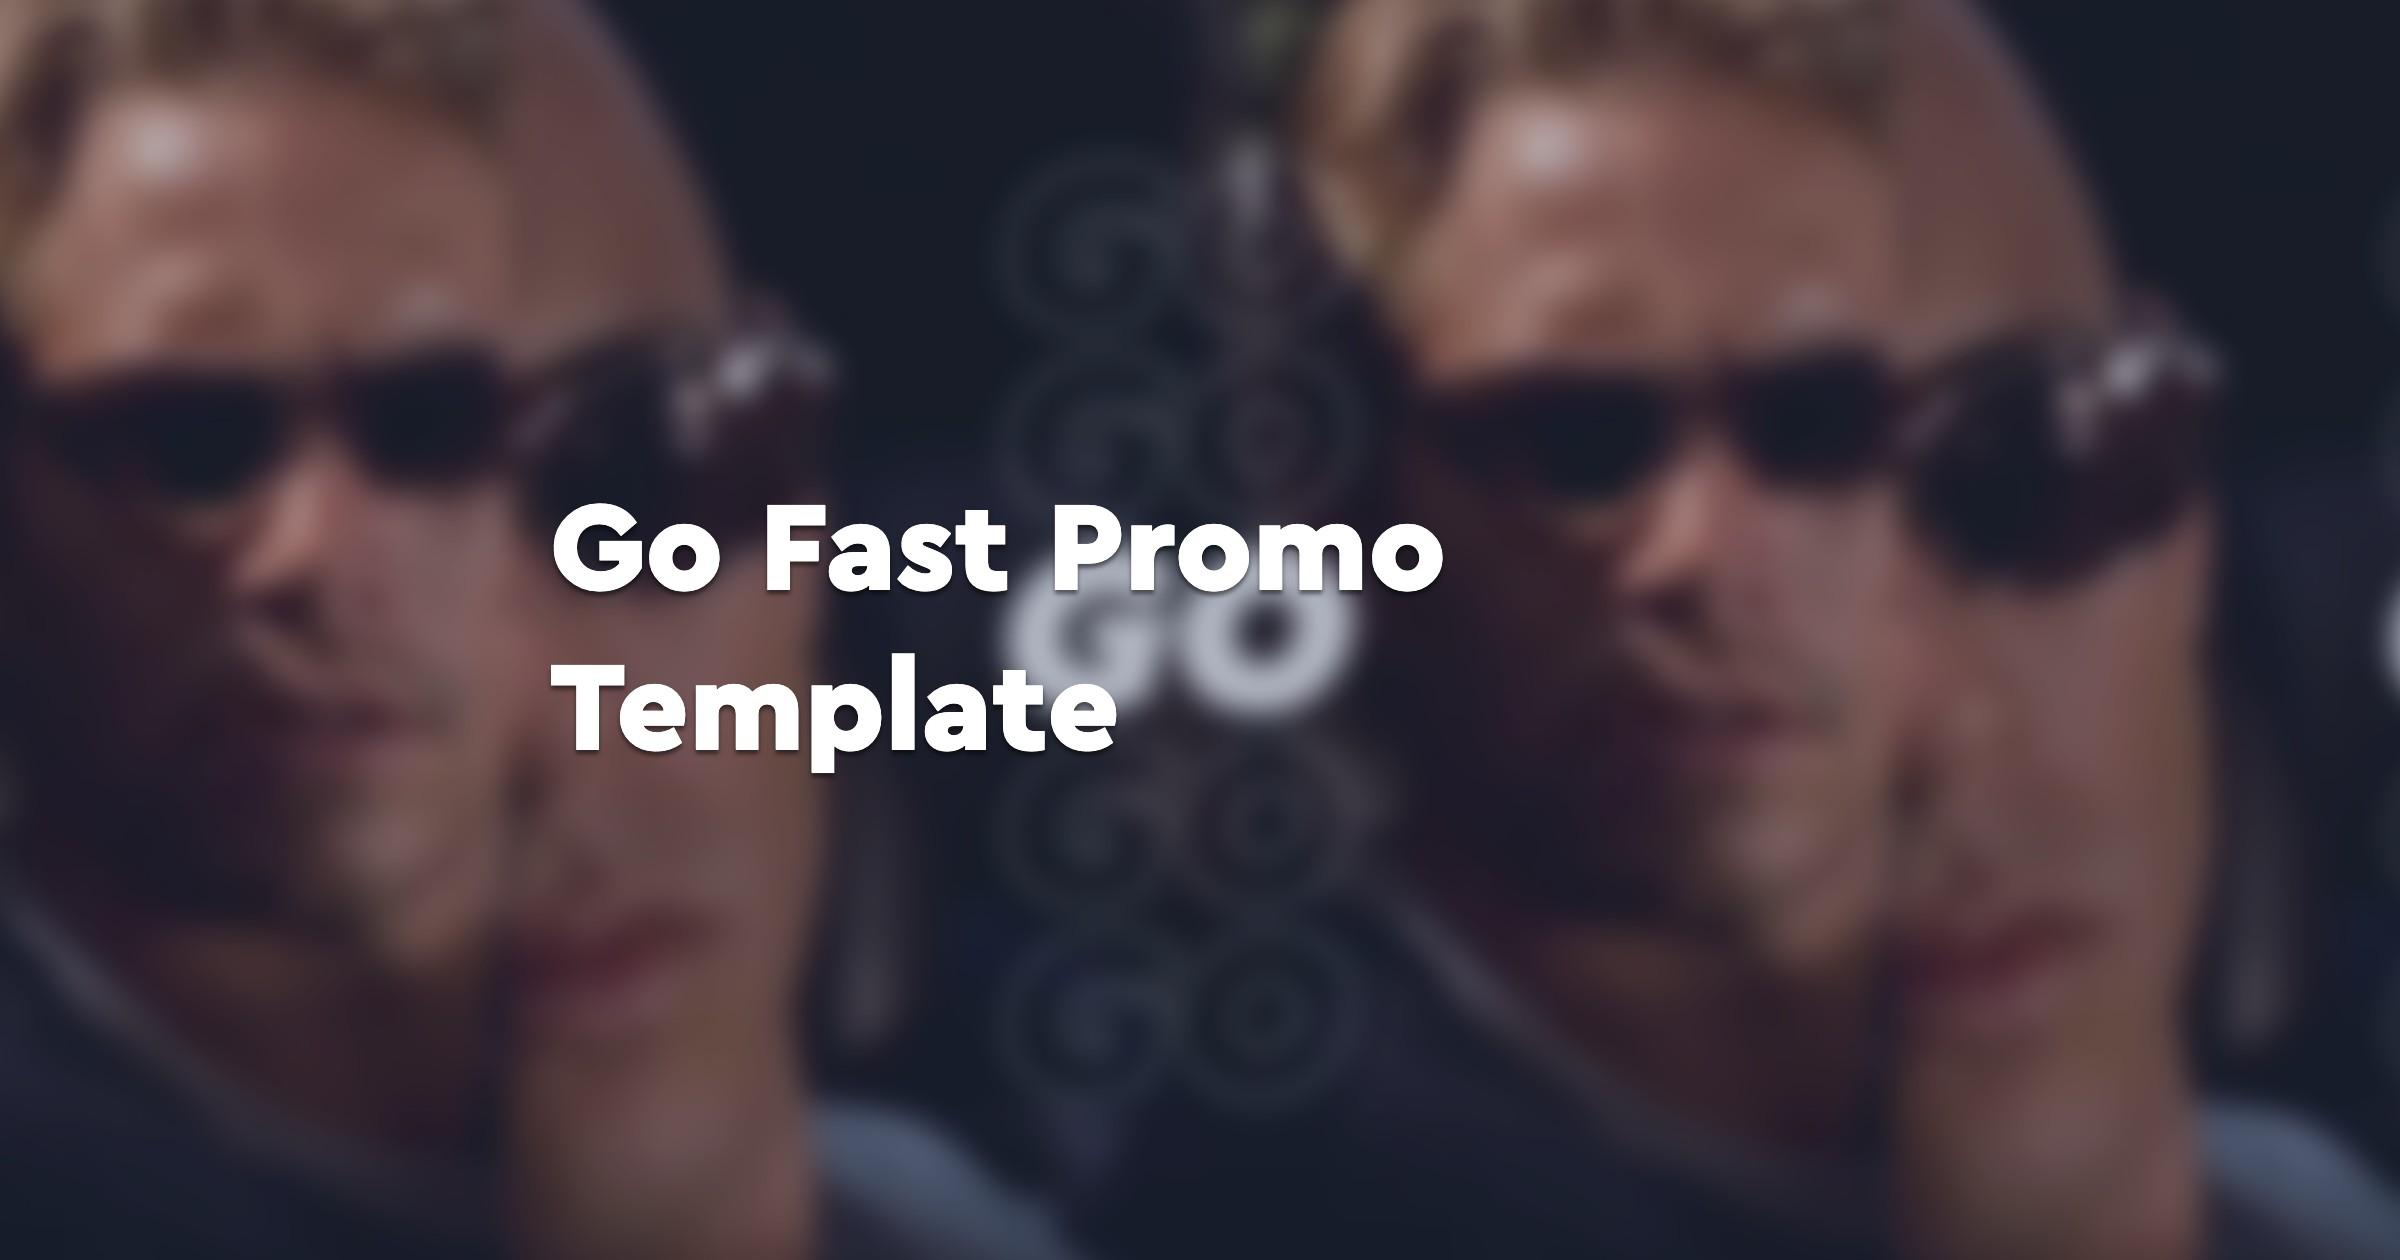 Go Fast Promo Template